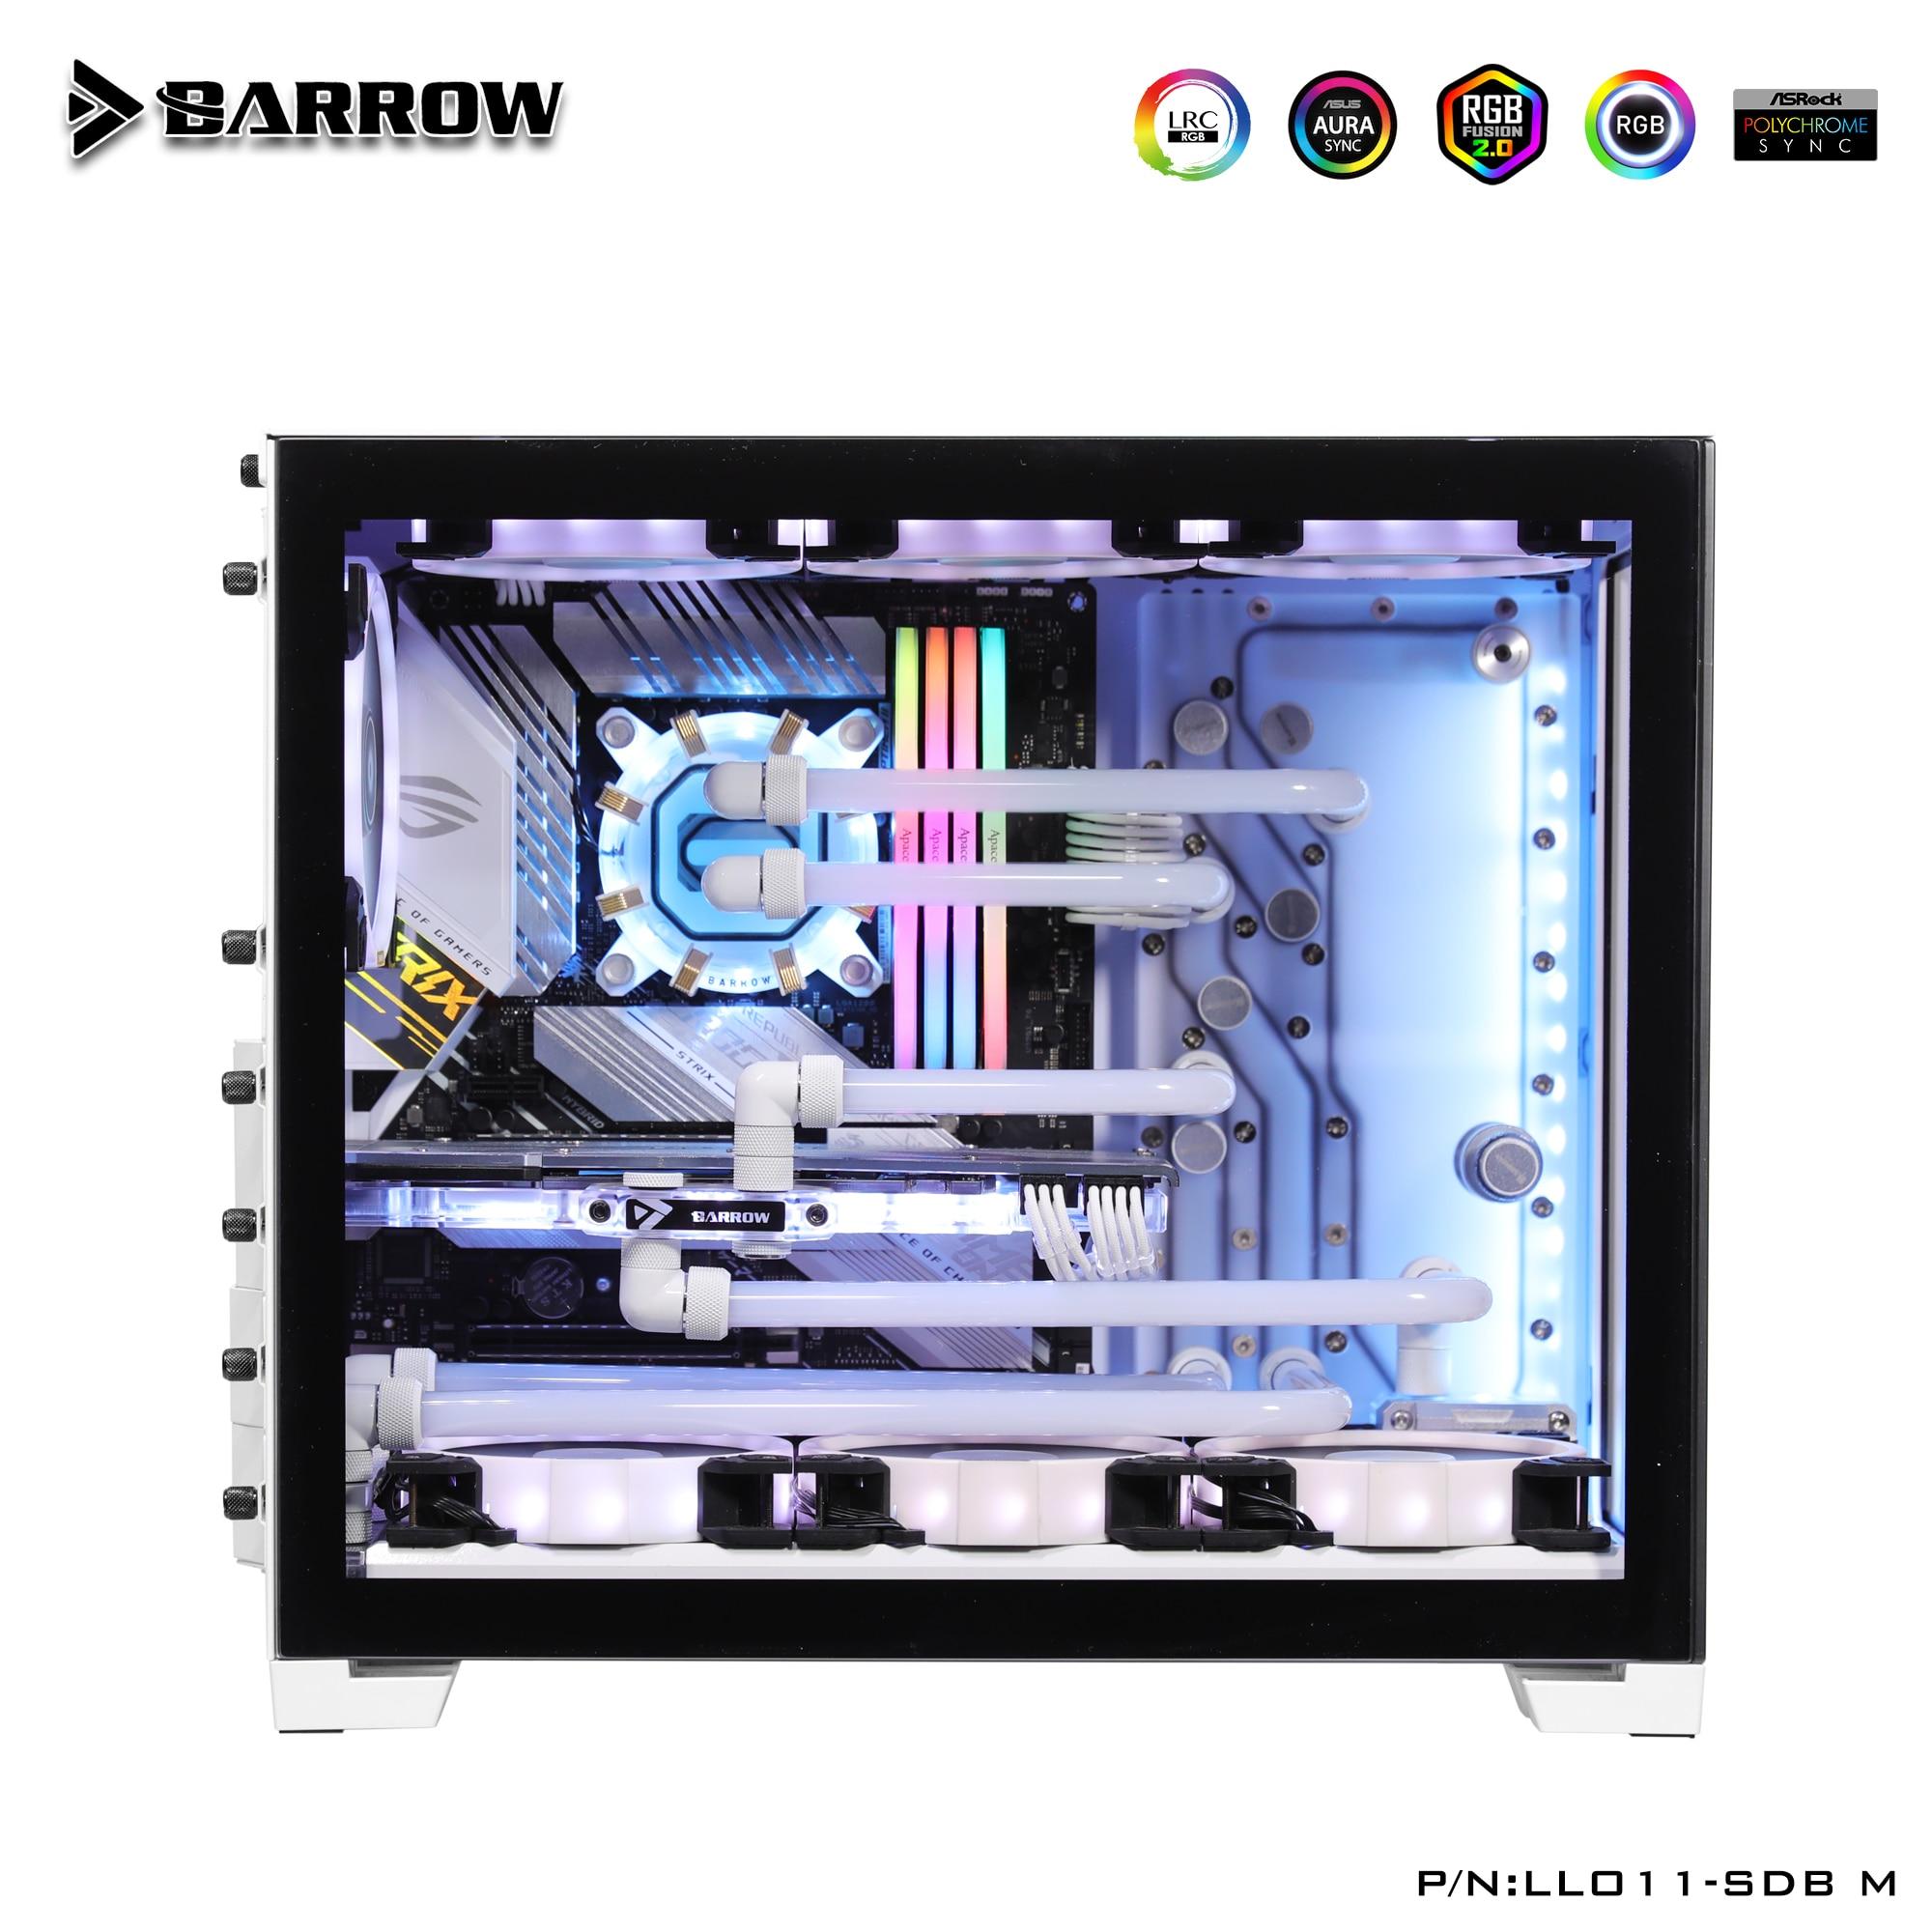 بارو LLO11-SDB م ، لوحات الممر المائي لليان لي O11 حافظة صغيرة ، متوافق مع مضخة 18 واط/D5